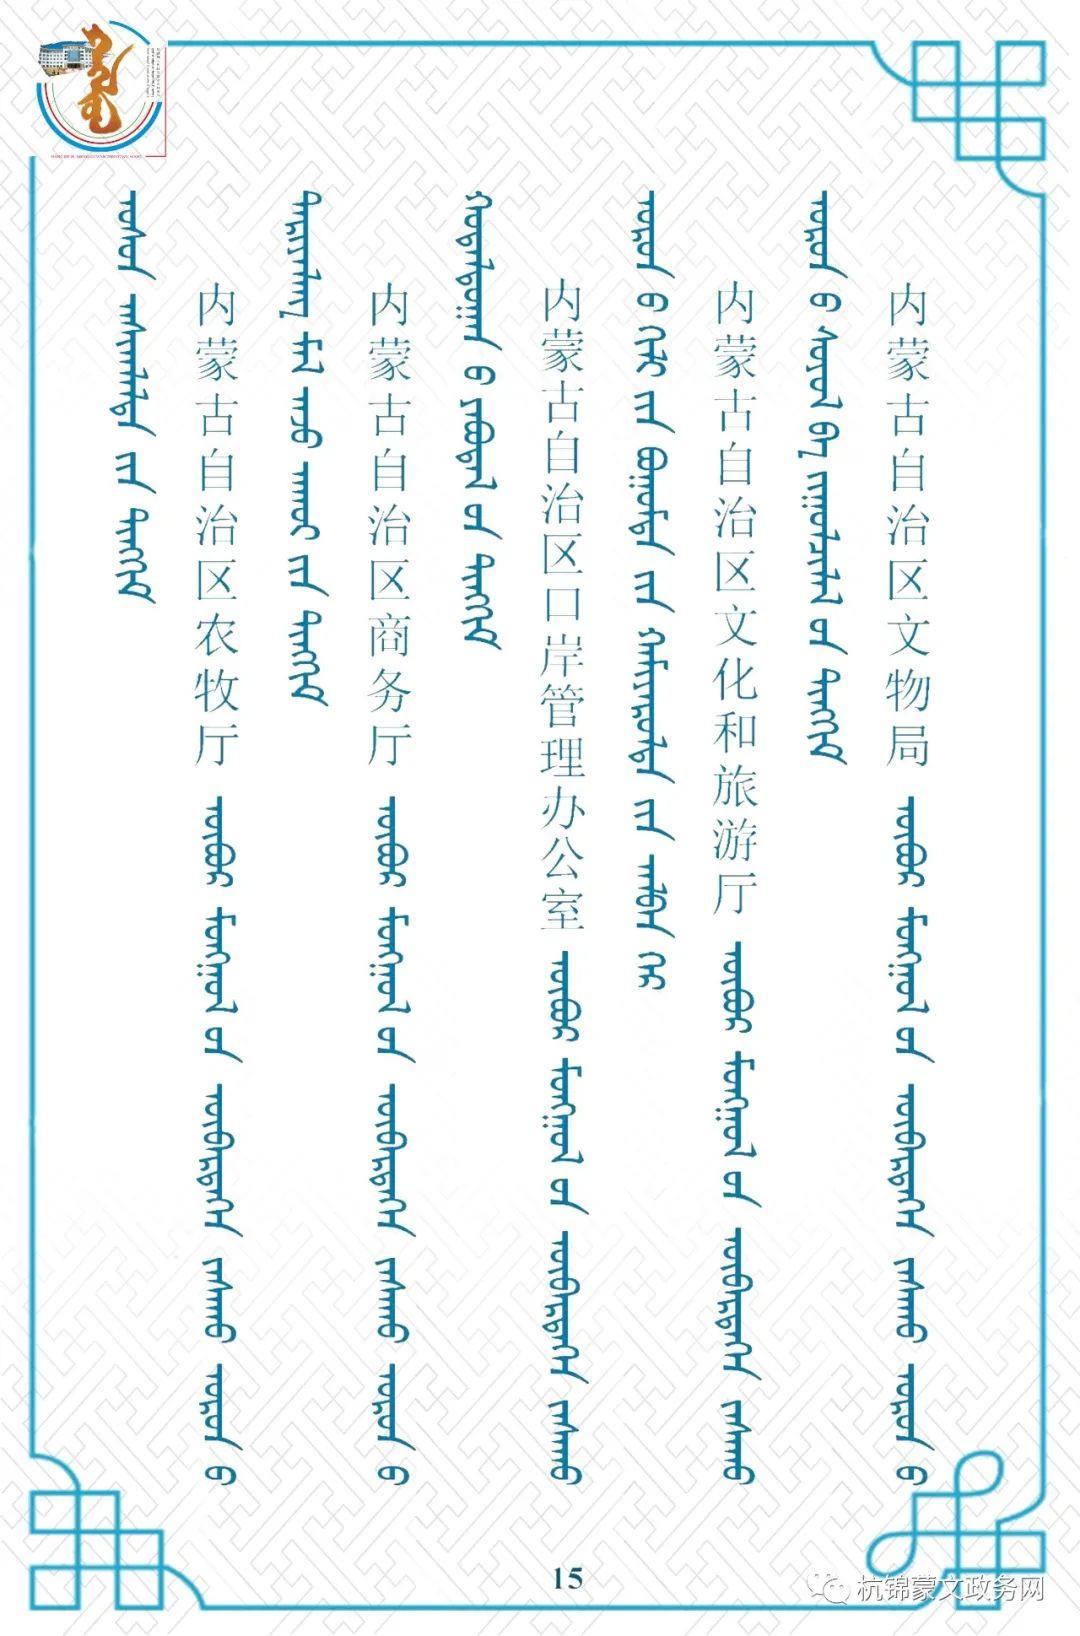 内蒙古自治区委员会机构设置蒙汉对照 第15张 内蒙古自治区委员会机构设置蒙汉对照 蒙古文库